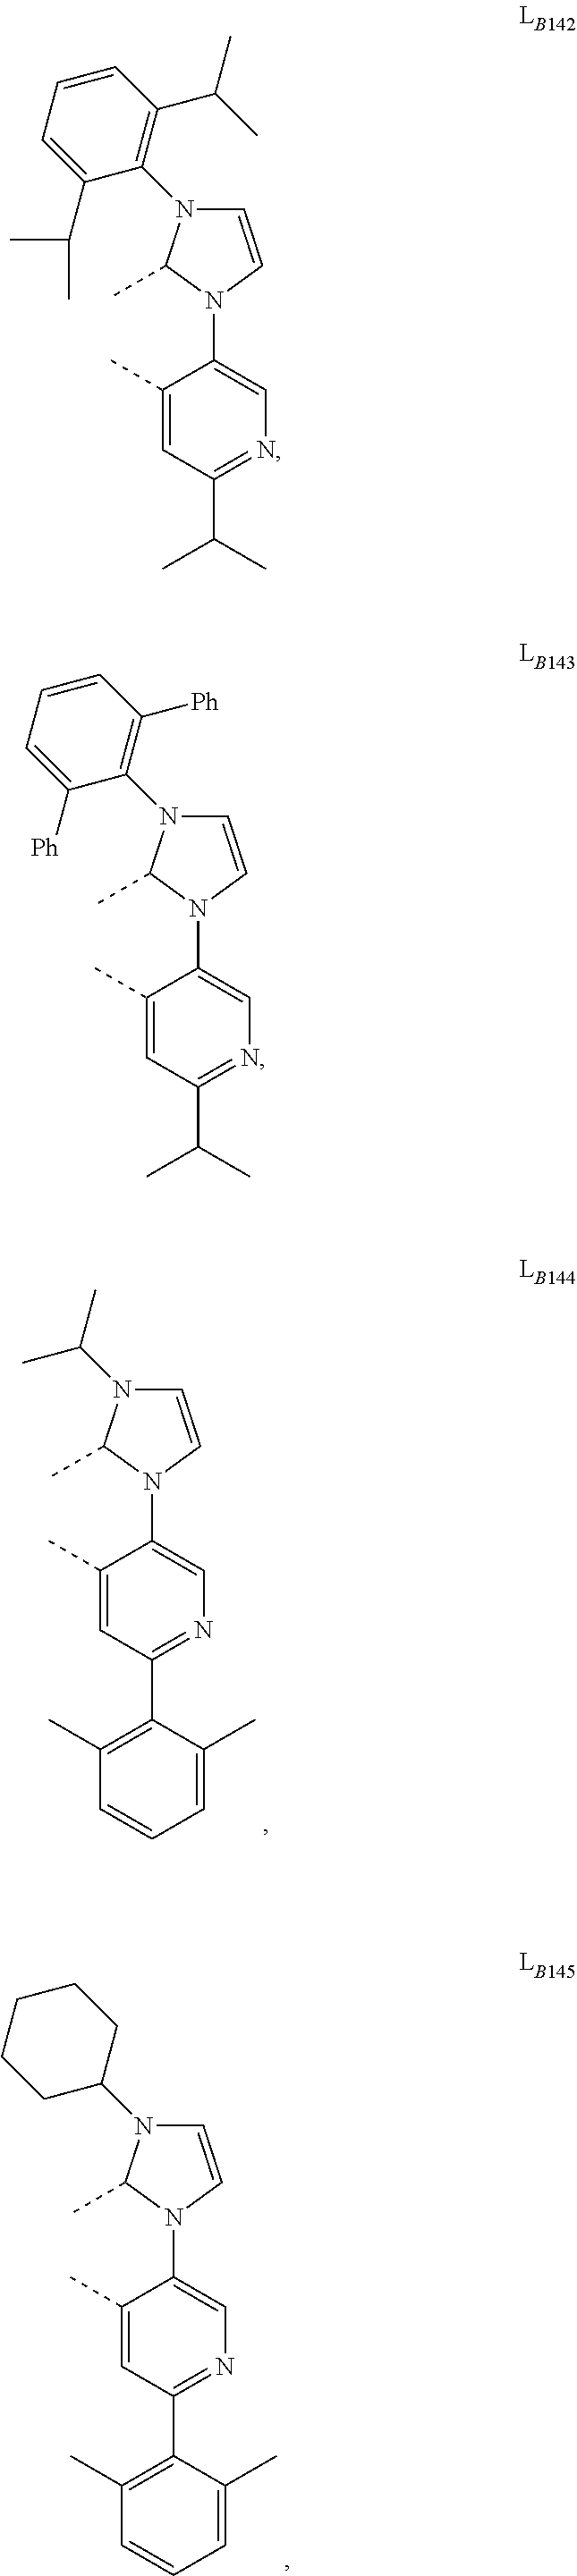 Figure US09905785-20180227-C00589